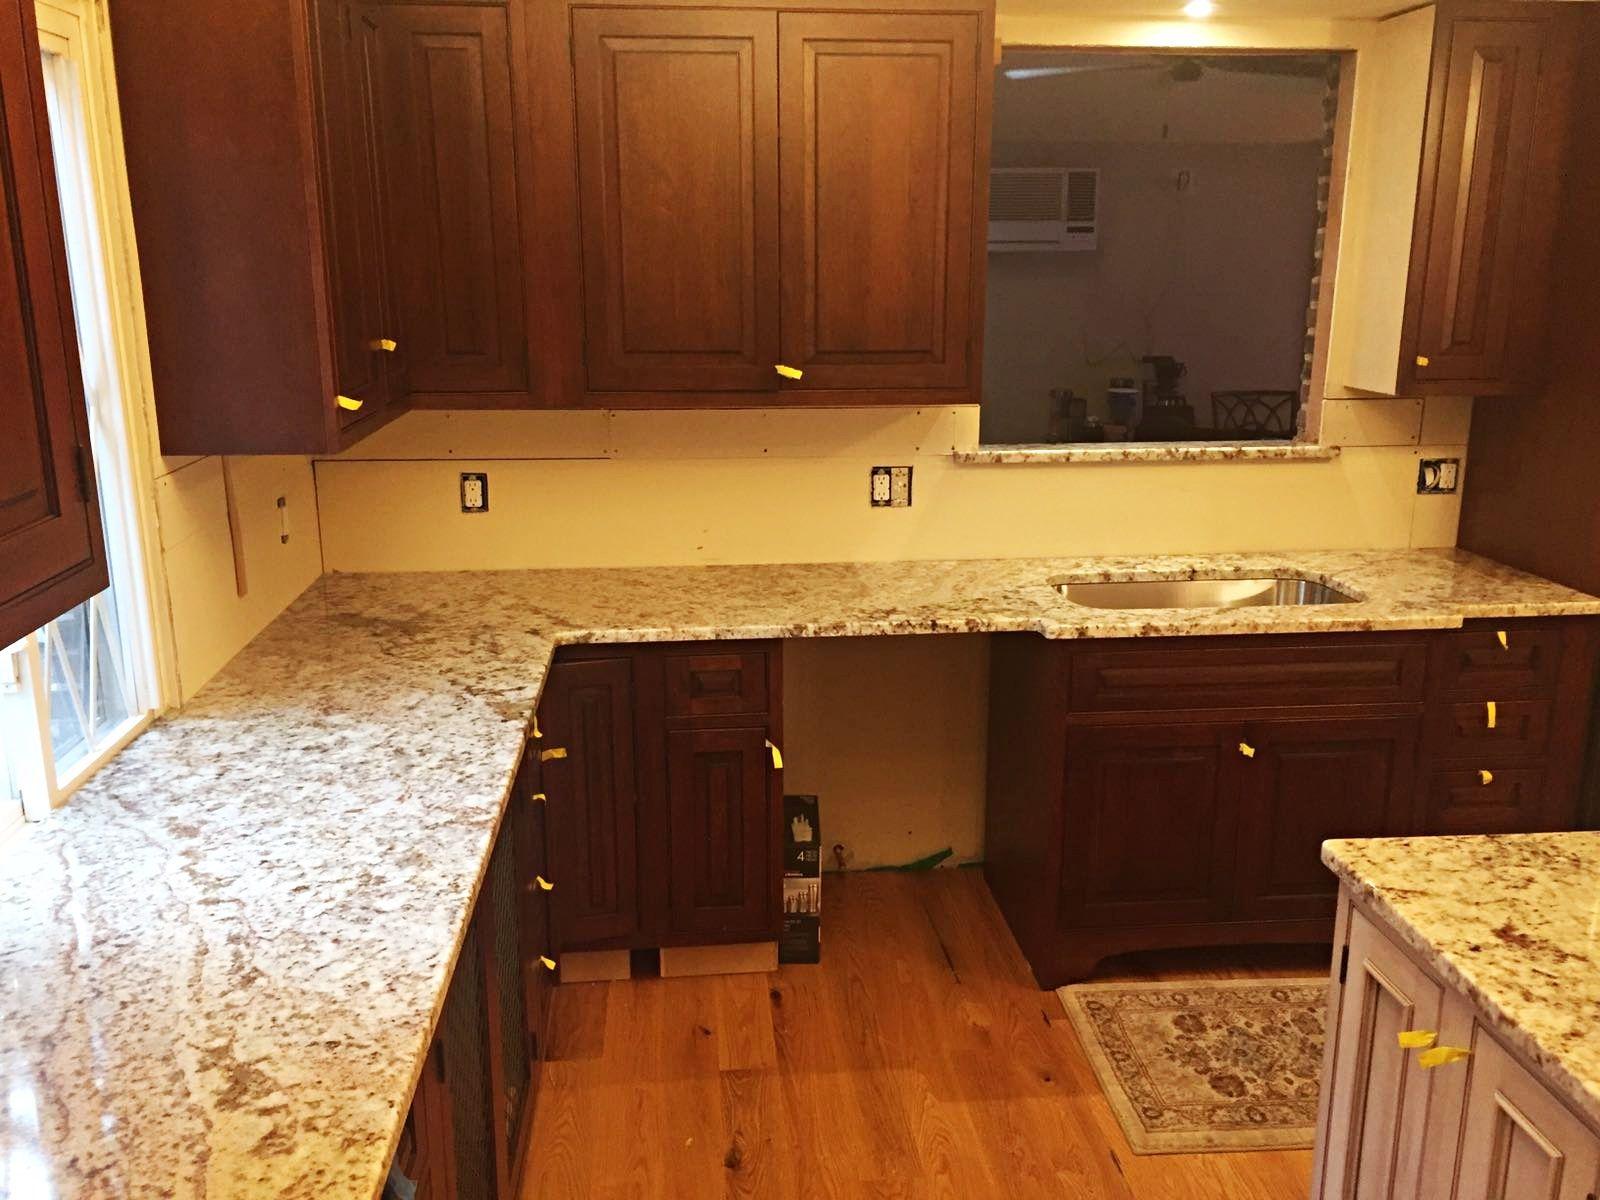 Galaxy White Granite Countertop Installation Project In Clifton Nj Installing Granite Countertops Granite Countertops Granite Countertops Kitchen